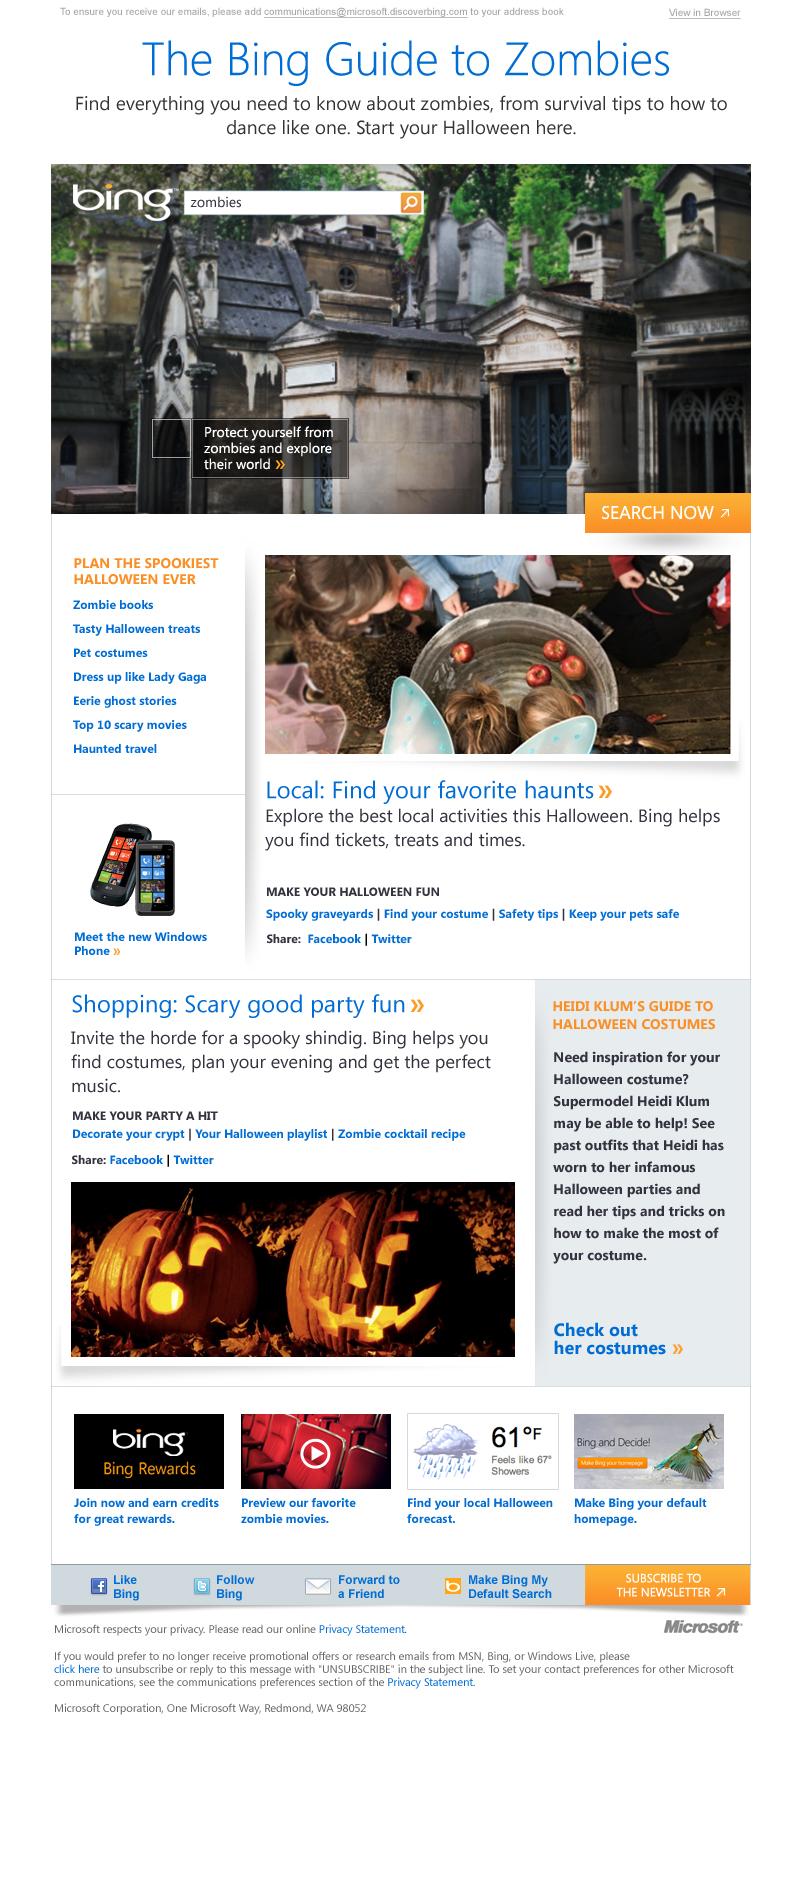 23112021-Bing_Zombie_3_version1.jpg